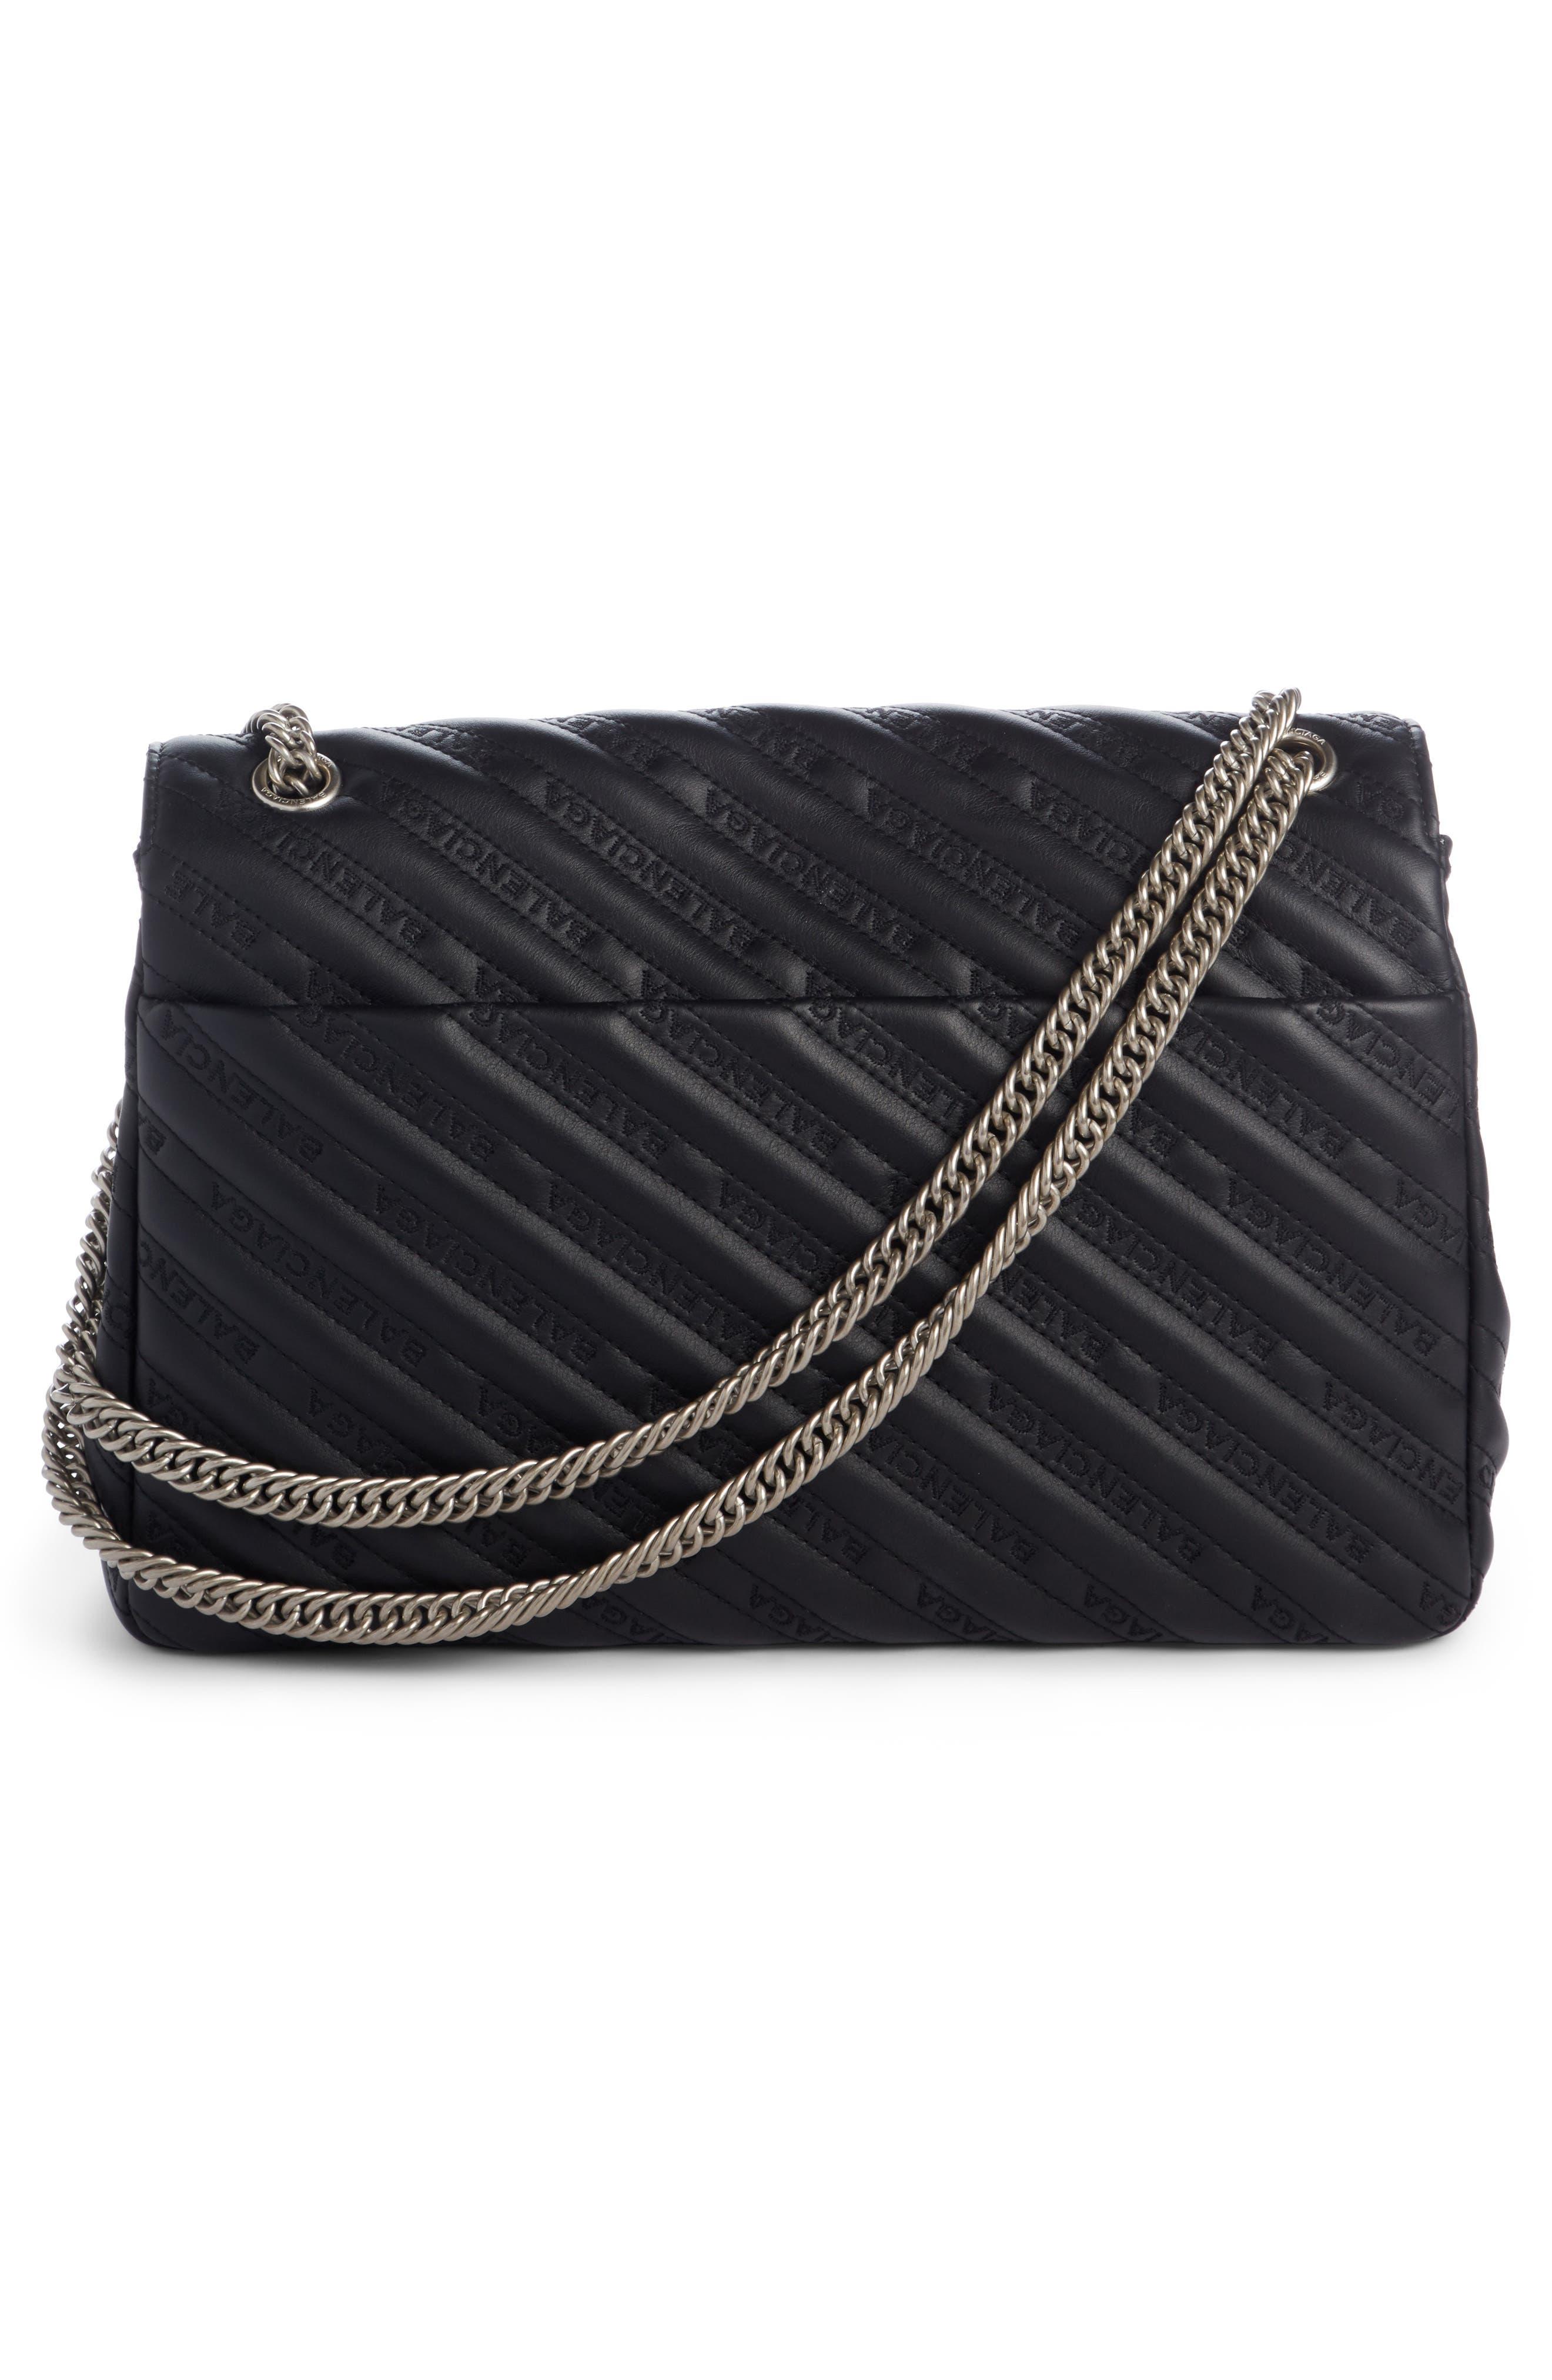 Matelassé Calfskin Leather Shoulder Bag,                             Alternate thumbnail 2, color,                             NOIR